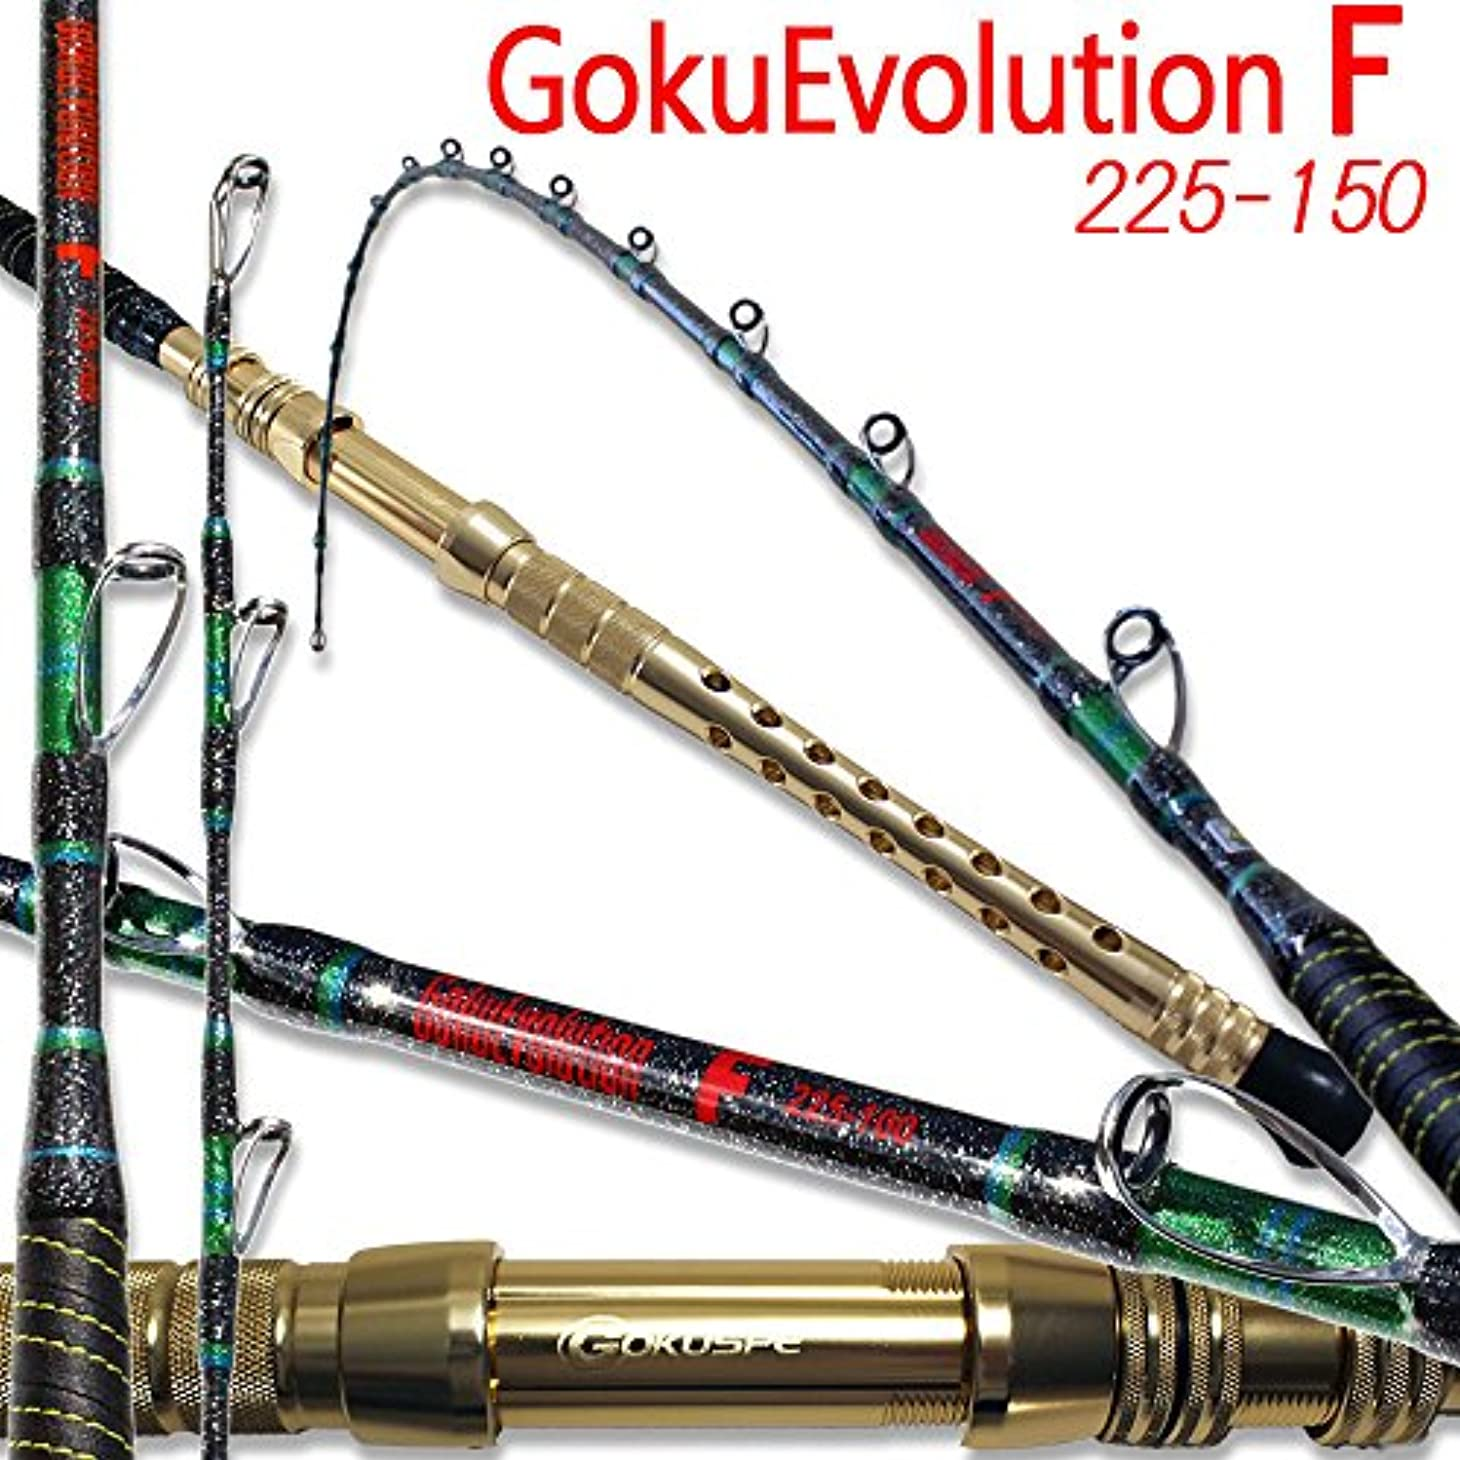 ダウンタウン代替種をまく総糸巻 GokuEvolution F 225-150 ブラック [90067-bk]